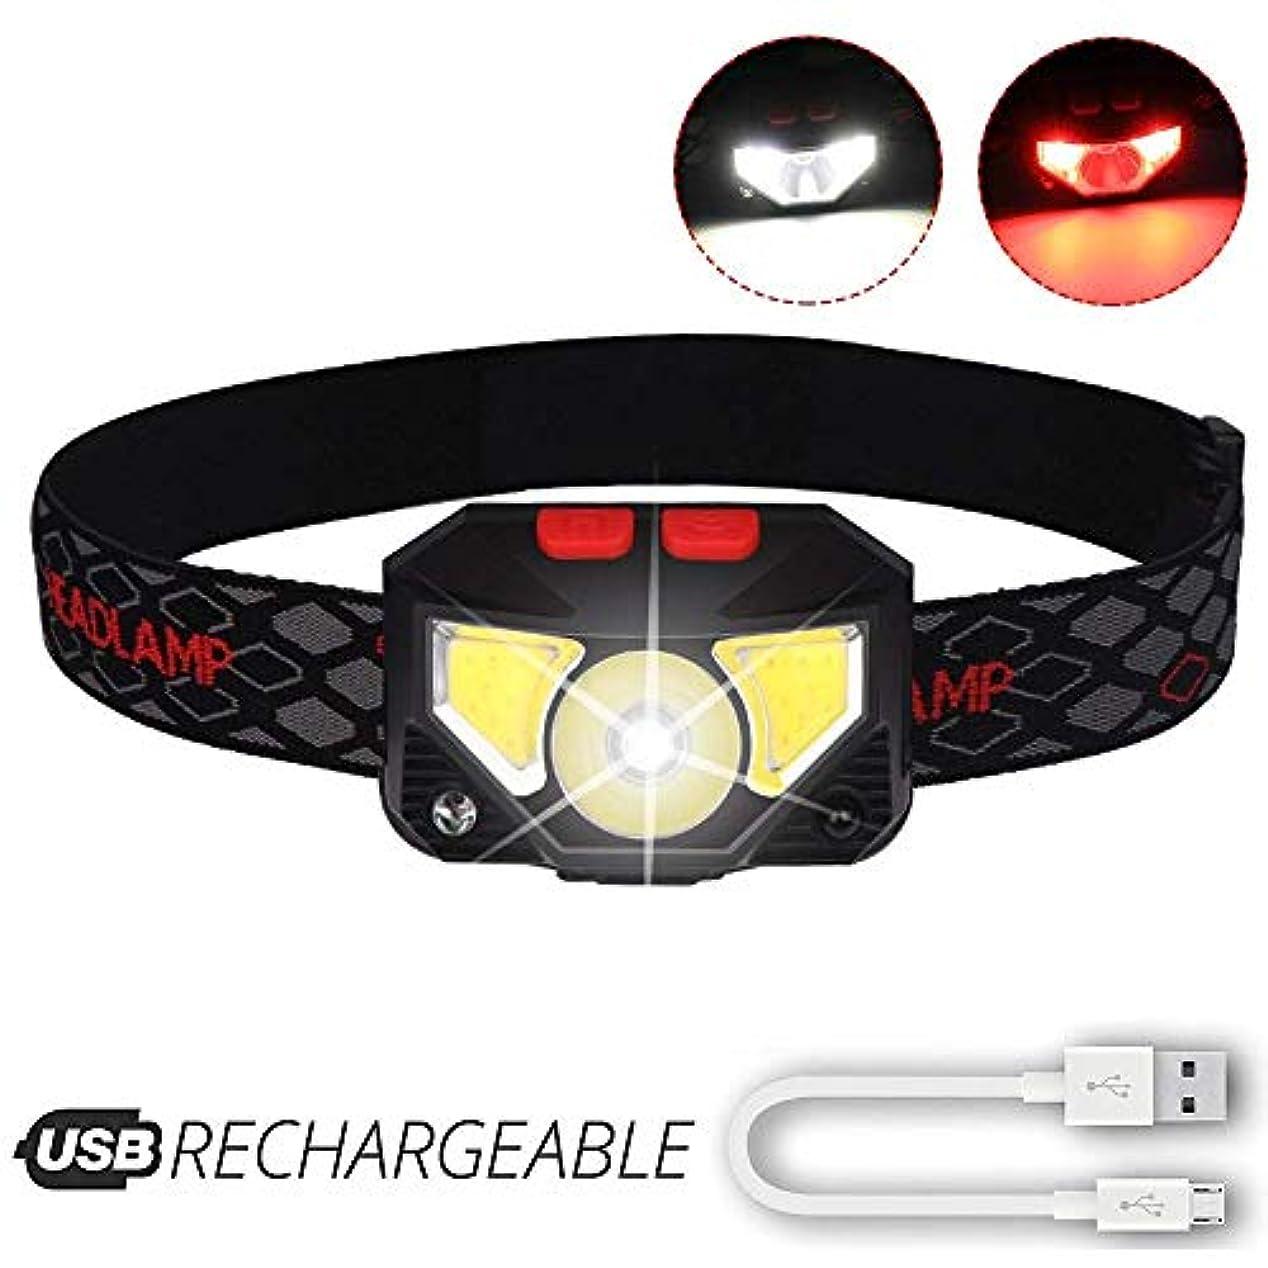 シャンパンブラザー奨励しますヘッドライトヘッドライト、ランニング、釣り、キャンプ、ハイキング、アウトドア用USB充電ケーブル付きLEDワークヘッドライトを充電する内蔵タッチセンサー